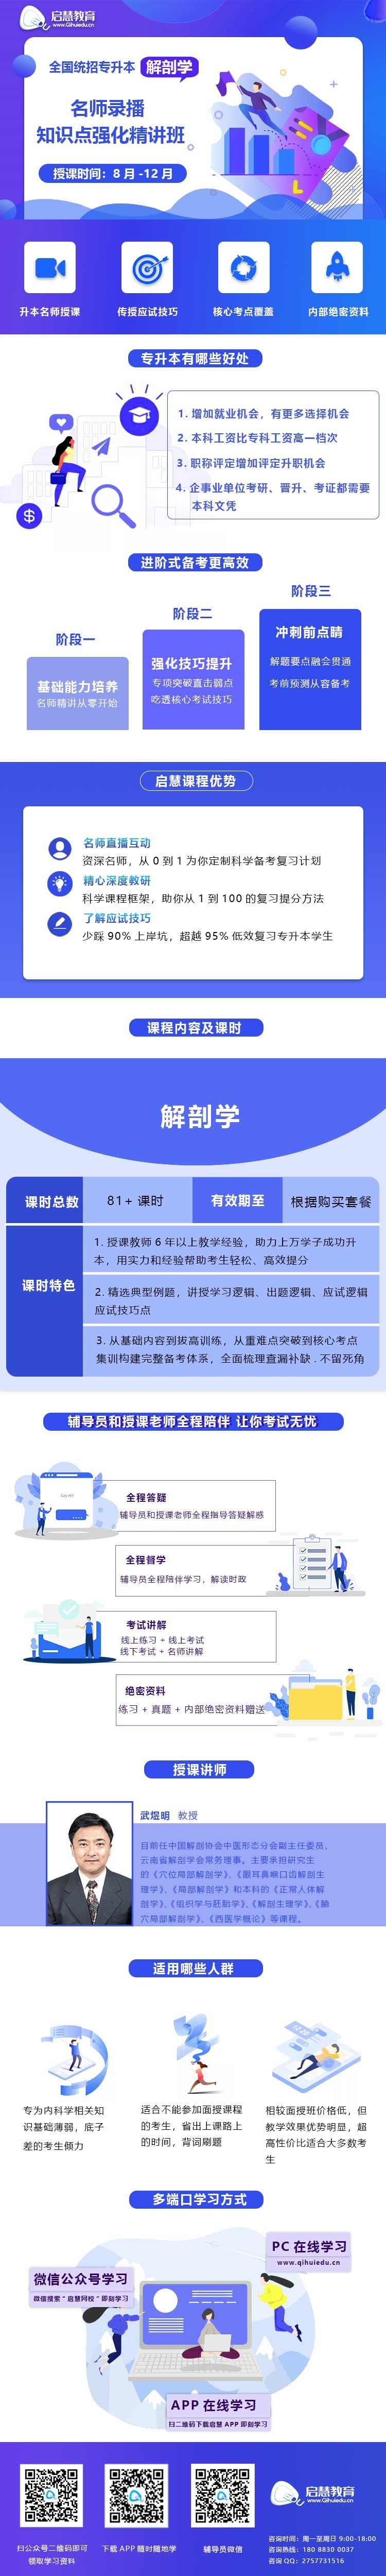 2021年云南统招专升本精讲课《人体解剖学专业》